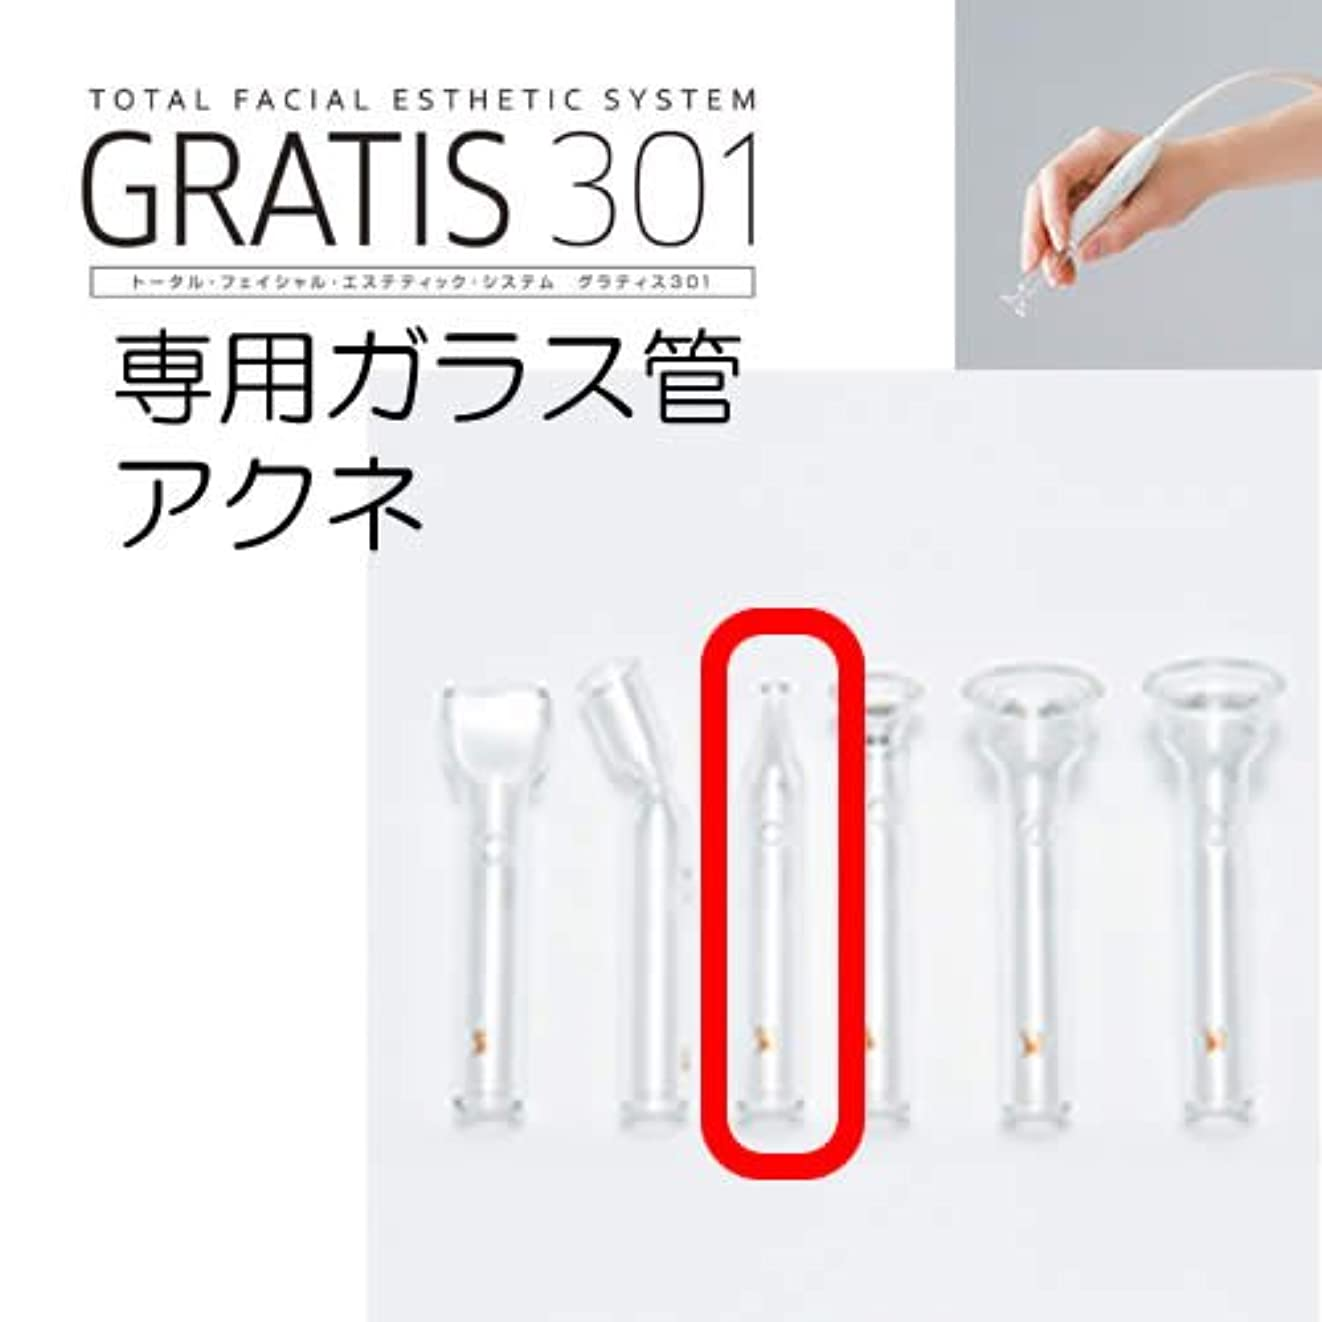 GRATIS 301(グラティス301)専用ガラス管 アクネ(2本セット)